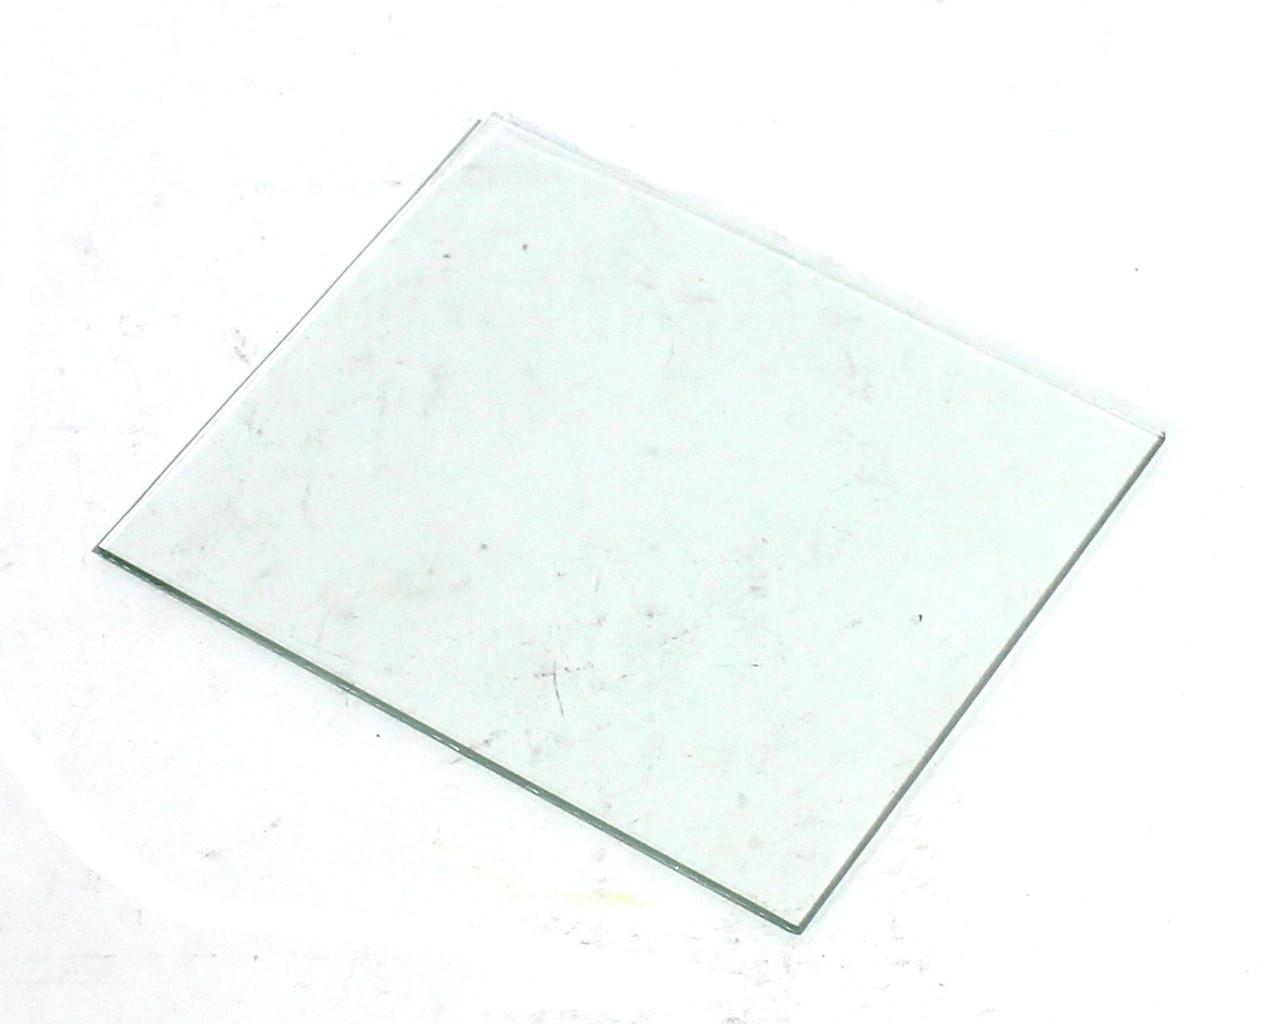 Стекло защитное прозрачное 90/110 мм толщина 2 мм